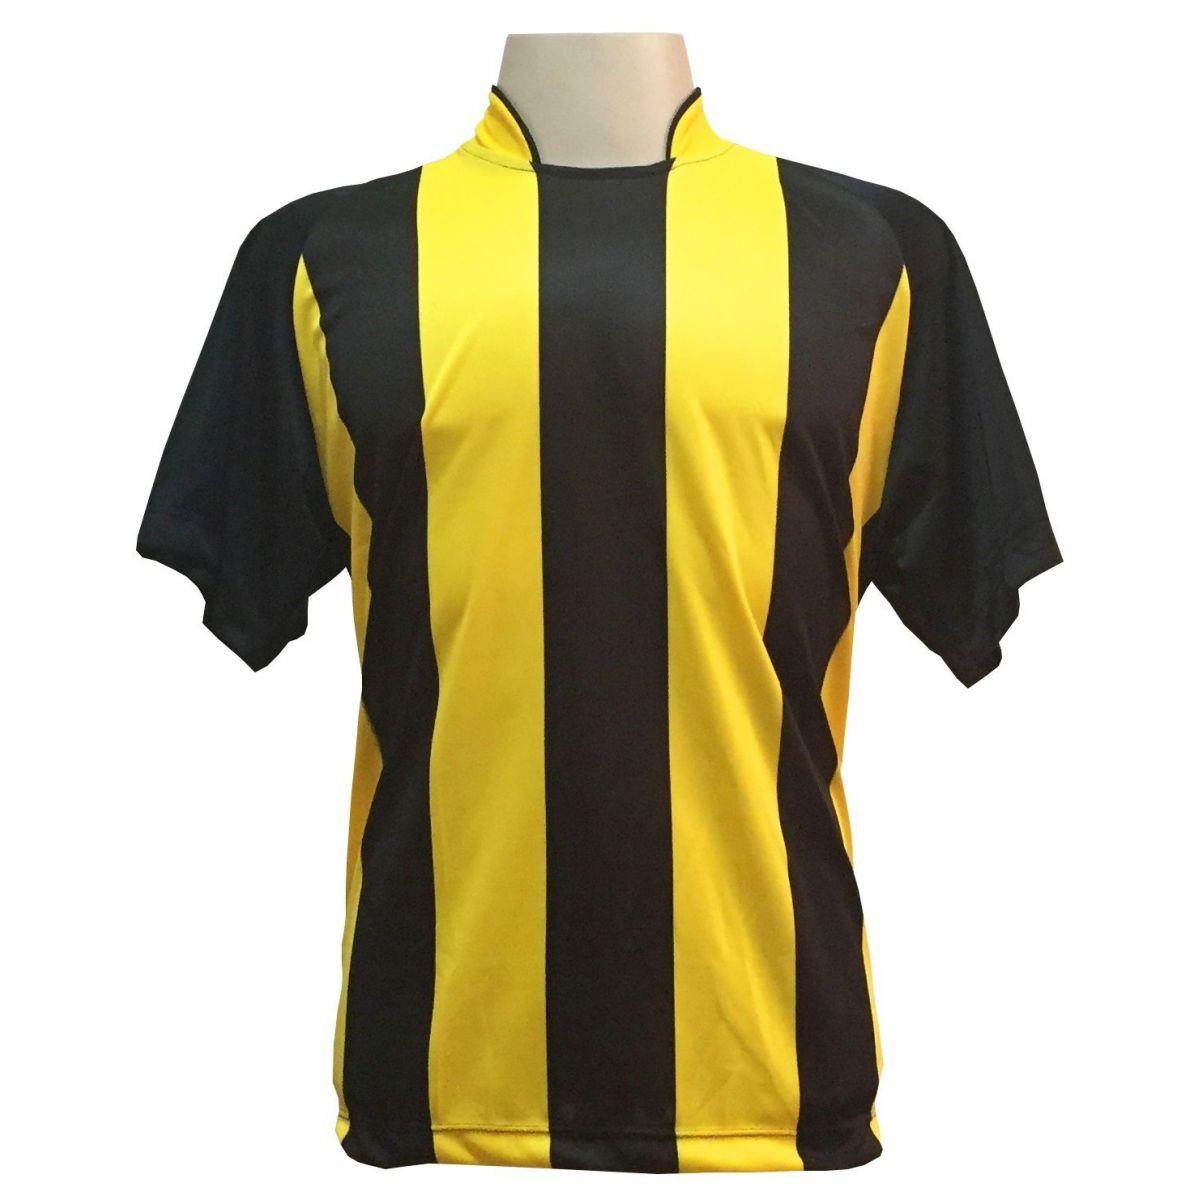 Fardamento Completo modelo Milan Preto/Amarelo 12+1 (12 camisas + 12 calções + 13 pares de meiões + 1 conjunto de goleiro) - Frete Grátis Brasil + Brindes